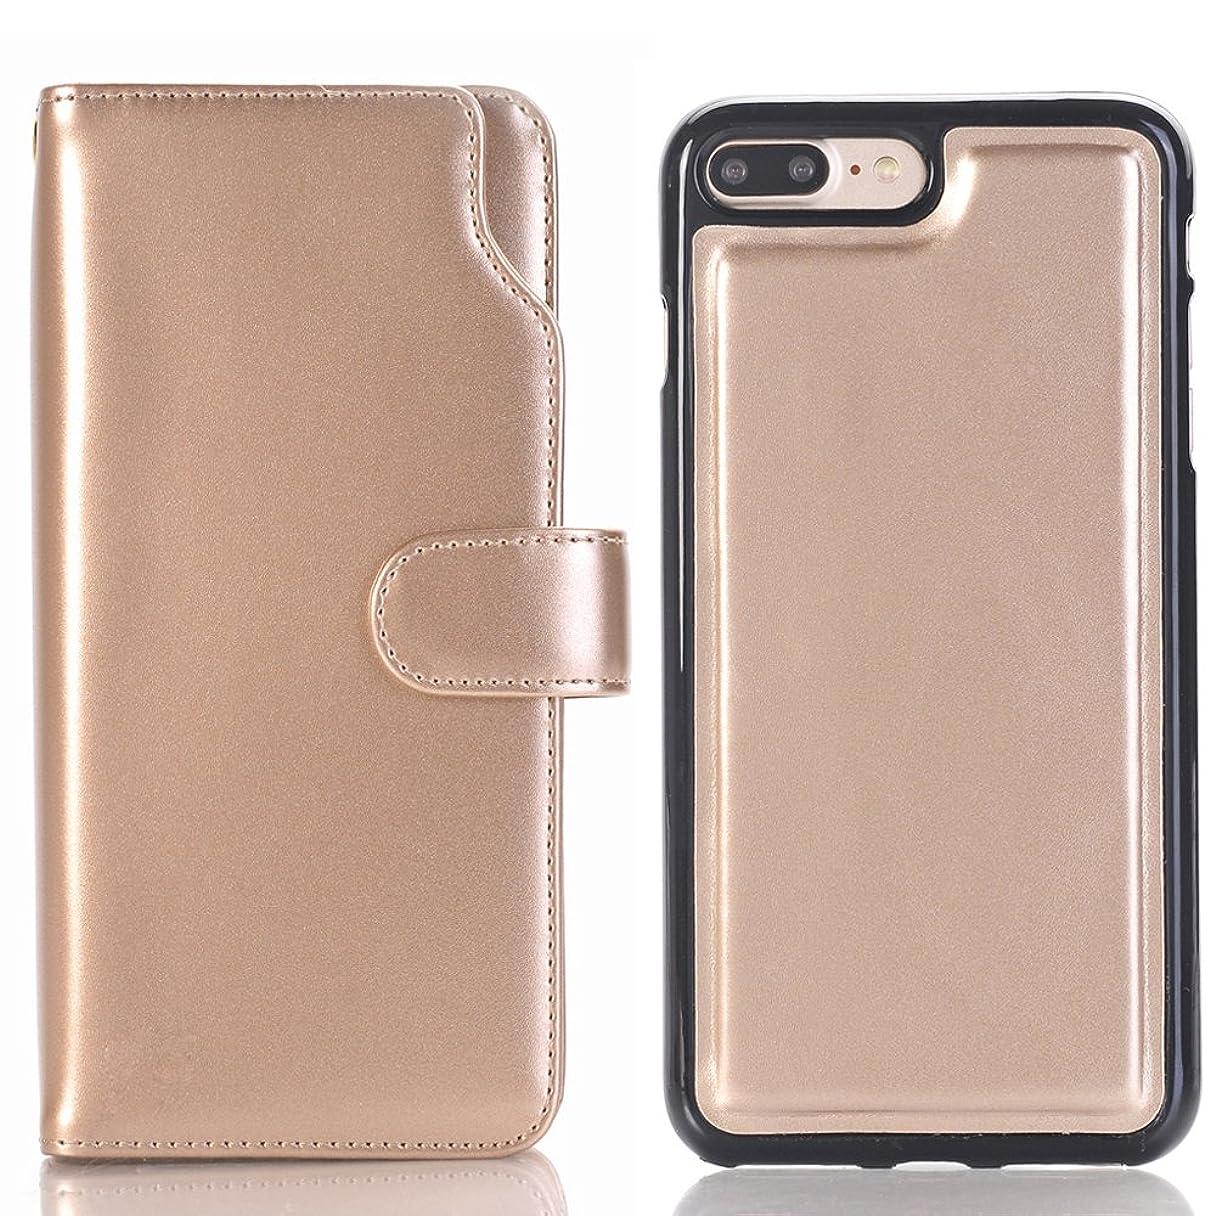 薬マザーランド来てiPhone 6 Plus ケース 分離可能、SIMPLE DO 良質レザー おしゃれデザイン カード収納 傷つけ防止 業務用(ゴールド)